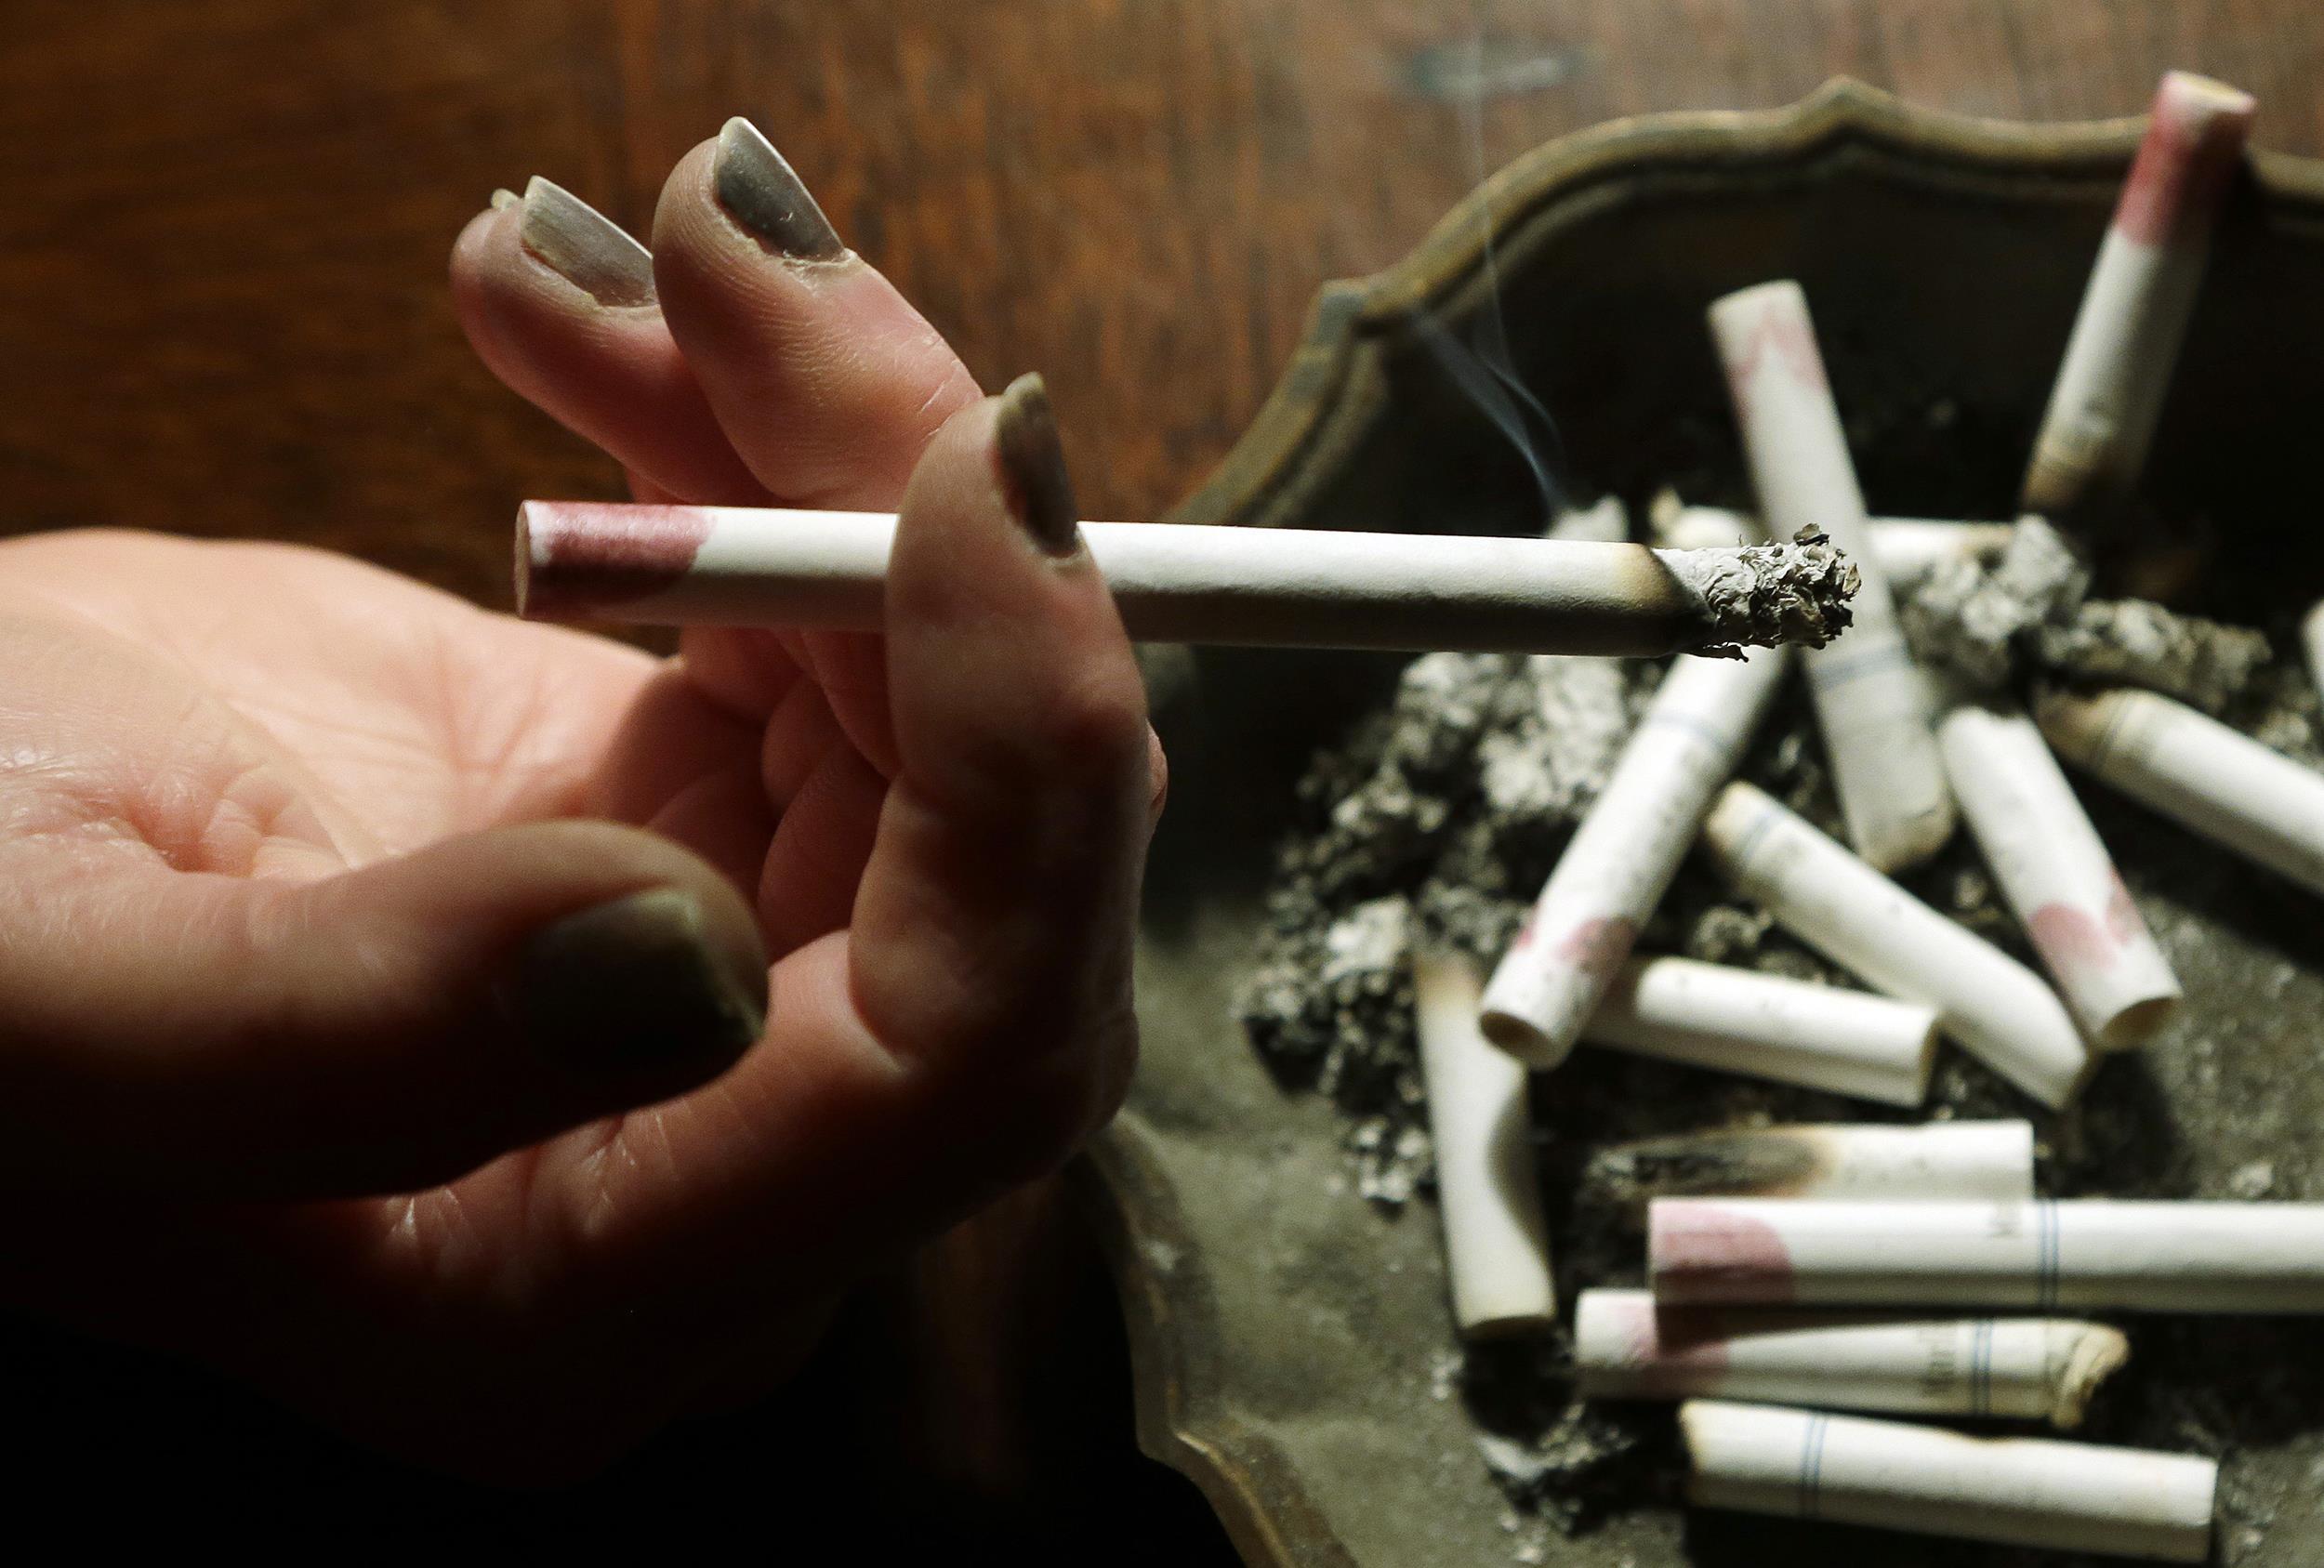 El humo del cigarrillo podría causar infertilidad y menopausia precoz|saludverdes.com